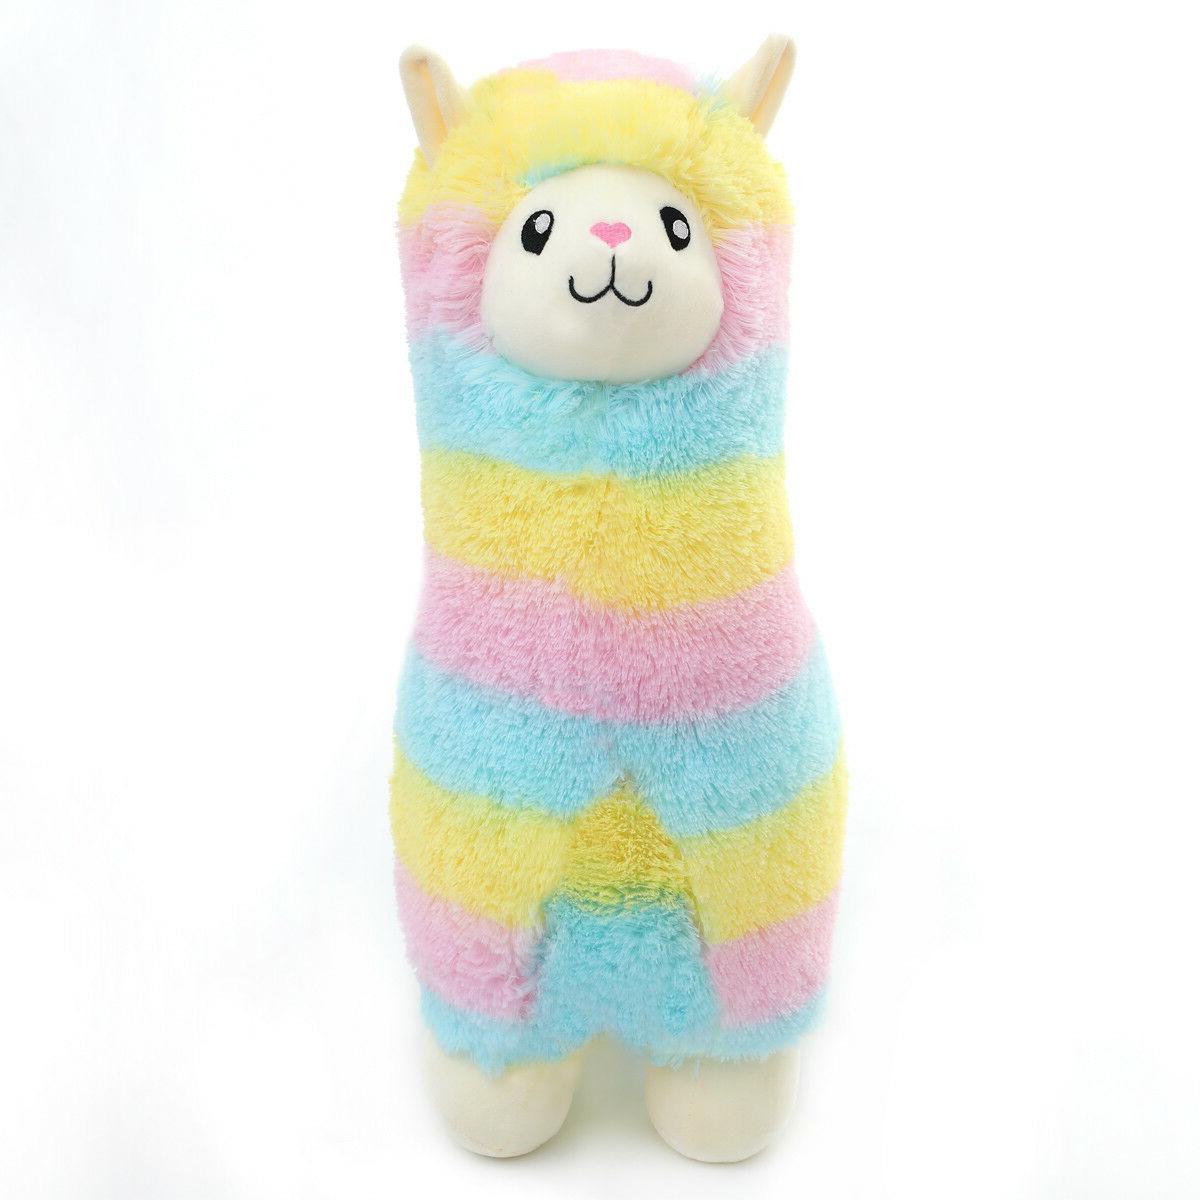 fluffy soft plush toy rainbow alpaca stuffed